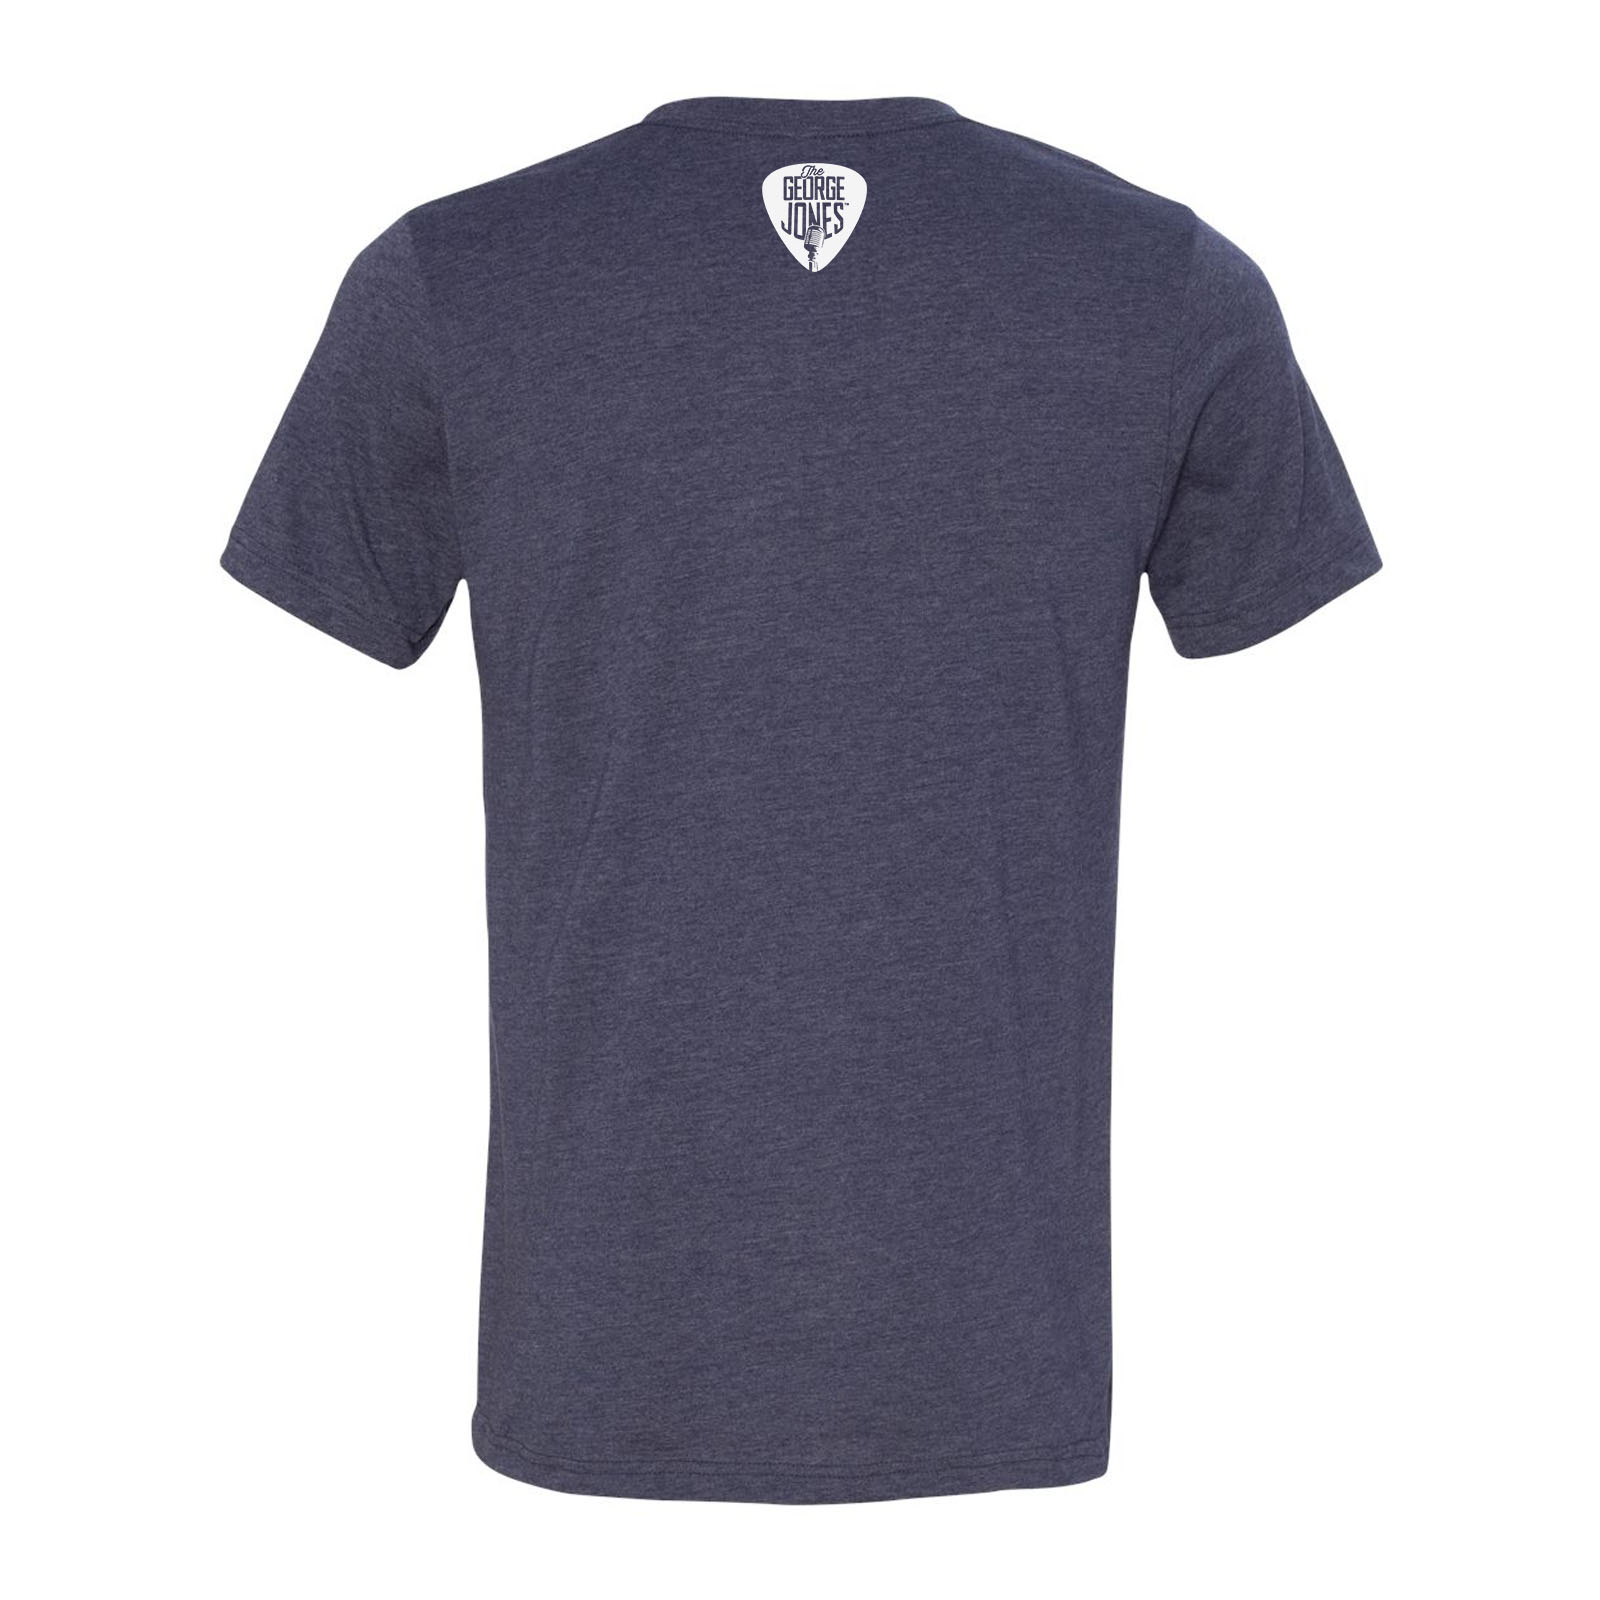 George Jones No Show Jones T-Shirt